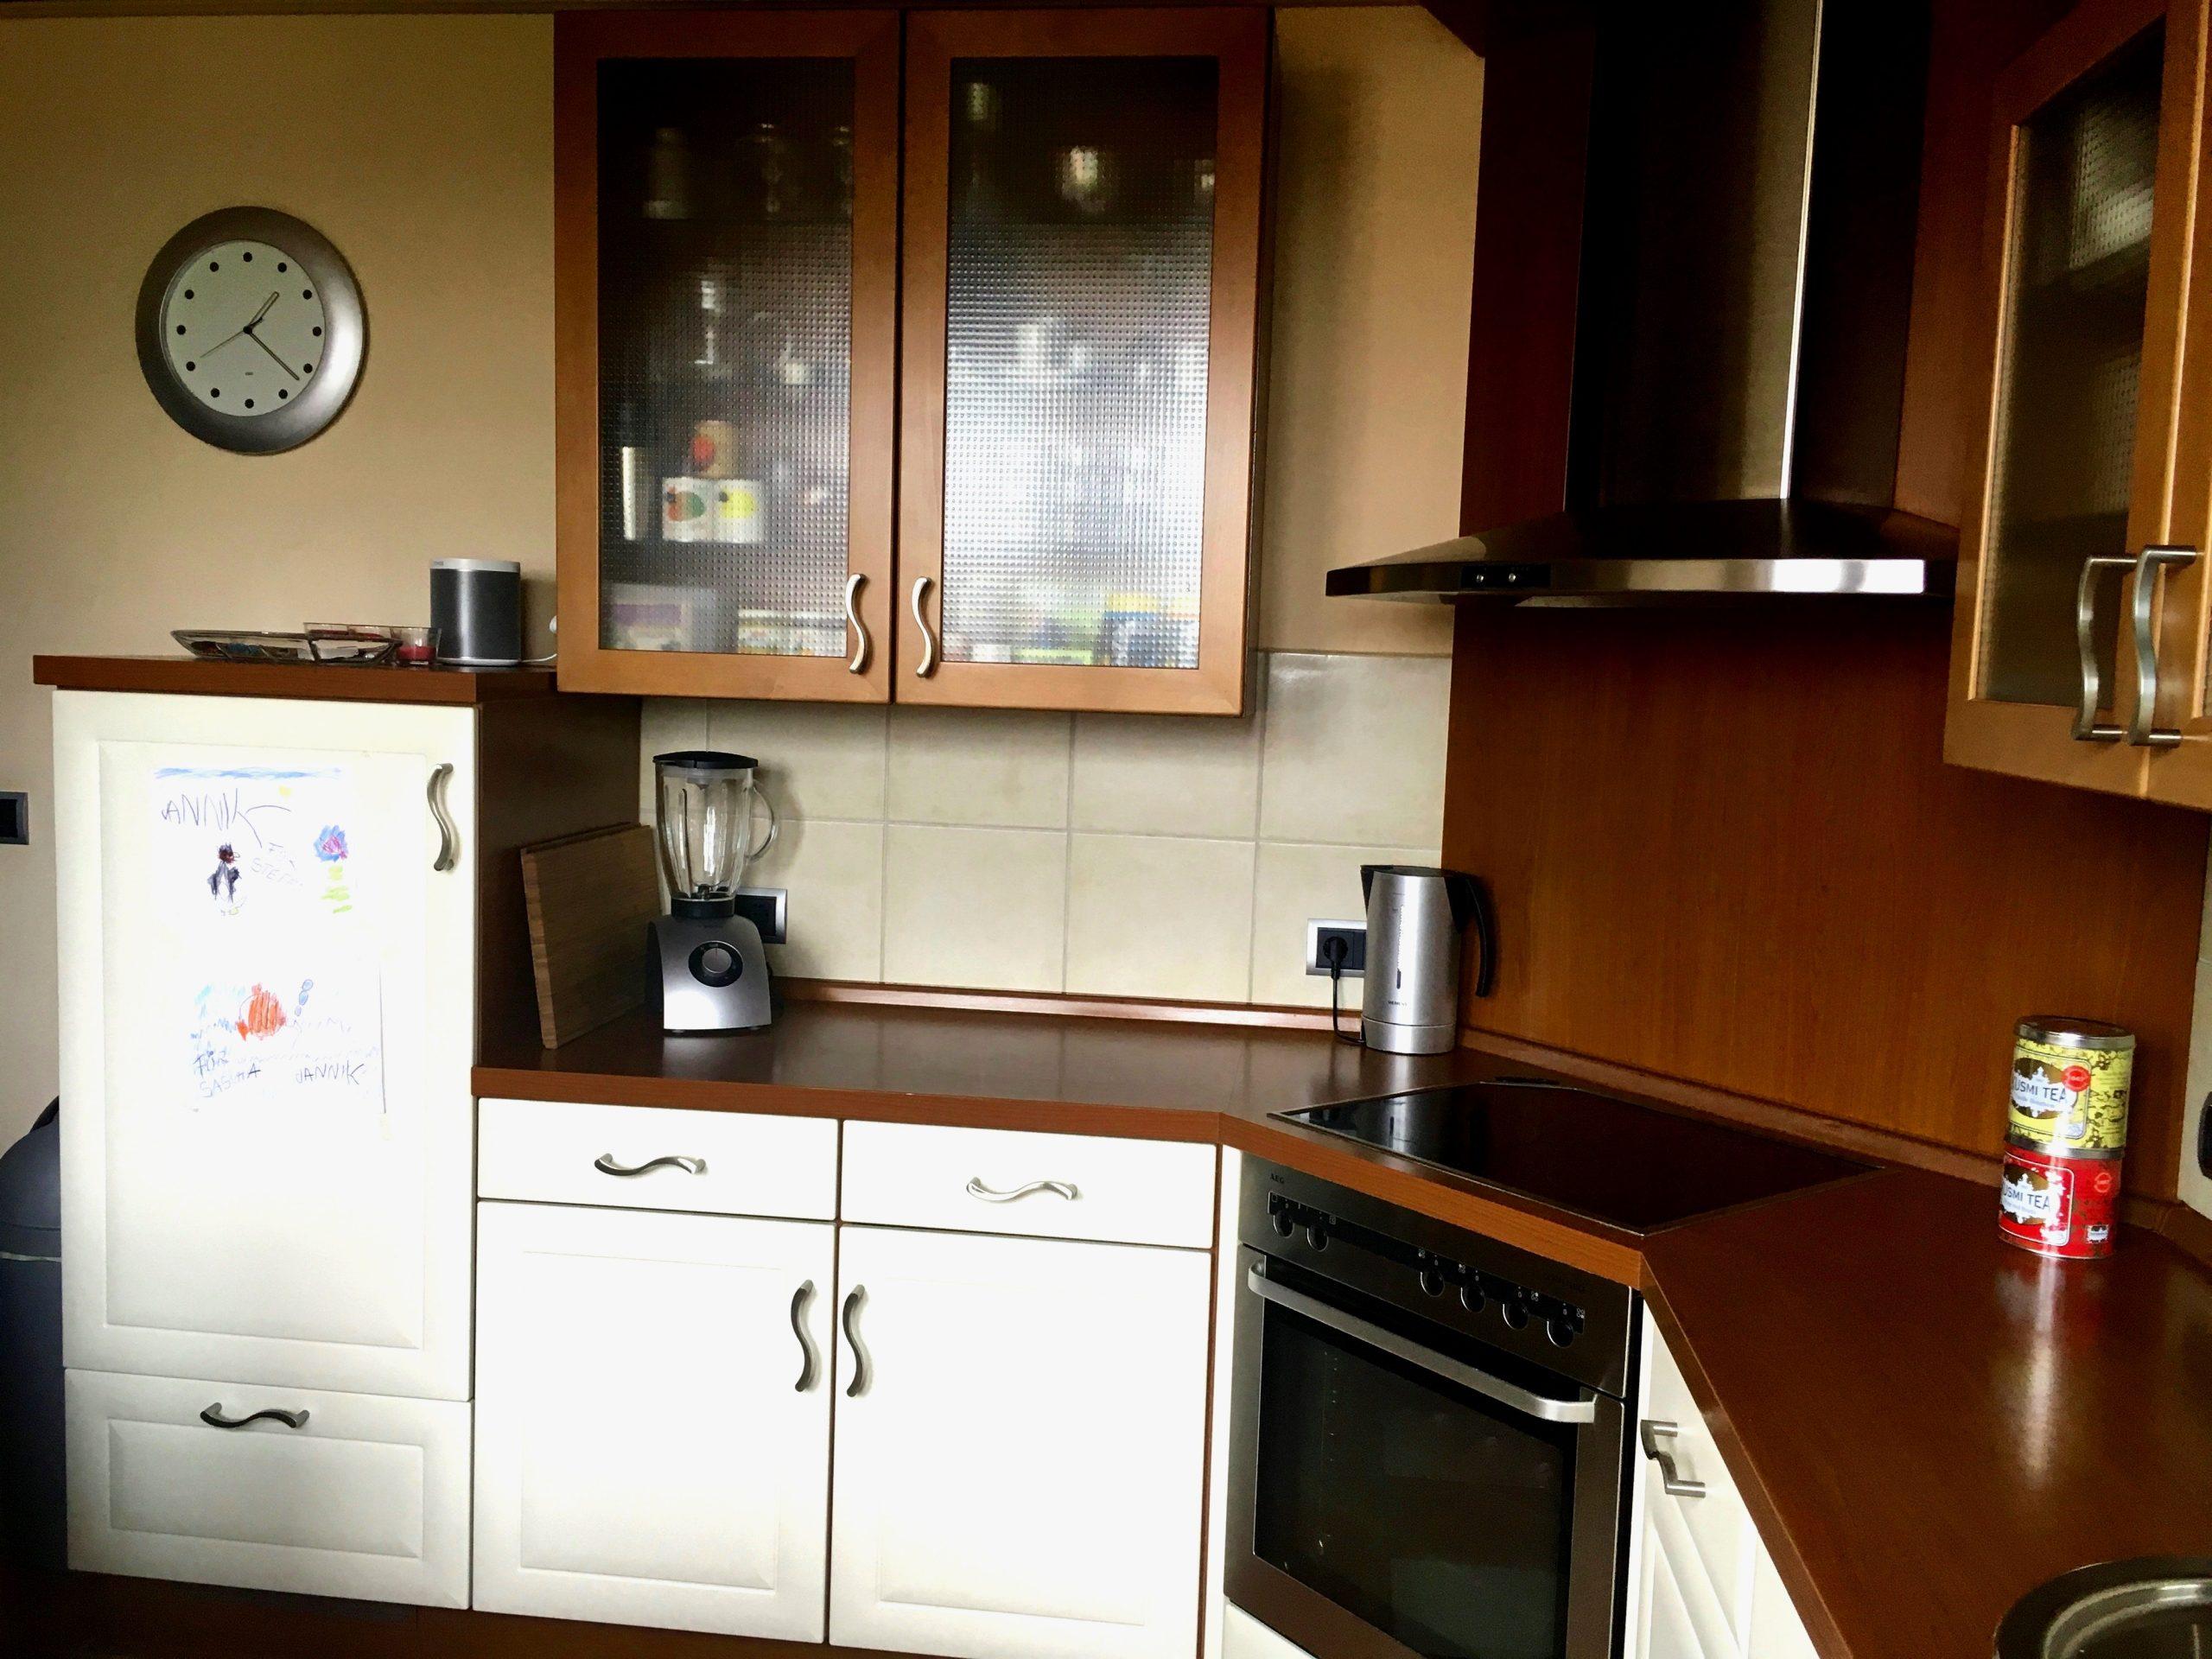 Full Size of Einbauküche Ebay Schön Cool Gebrauchte Küche In Köln Kuchen Koln Schnitt Mit Küche Gebrauchte Küche